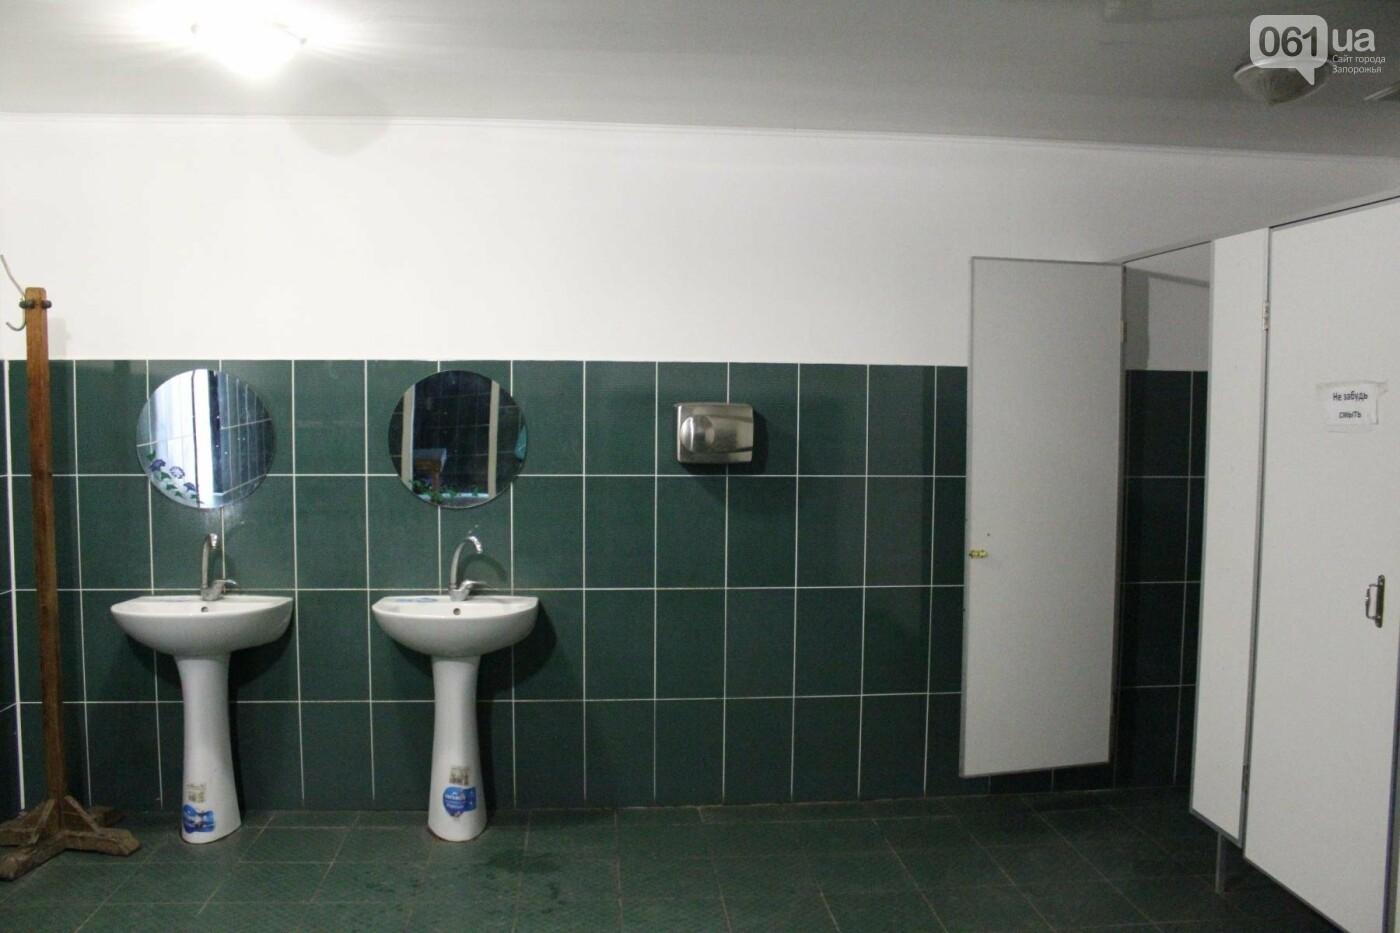 Как там в Токмаке: репортаж из официально депрессивного города, фото-29